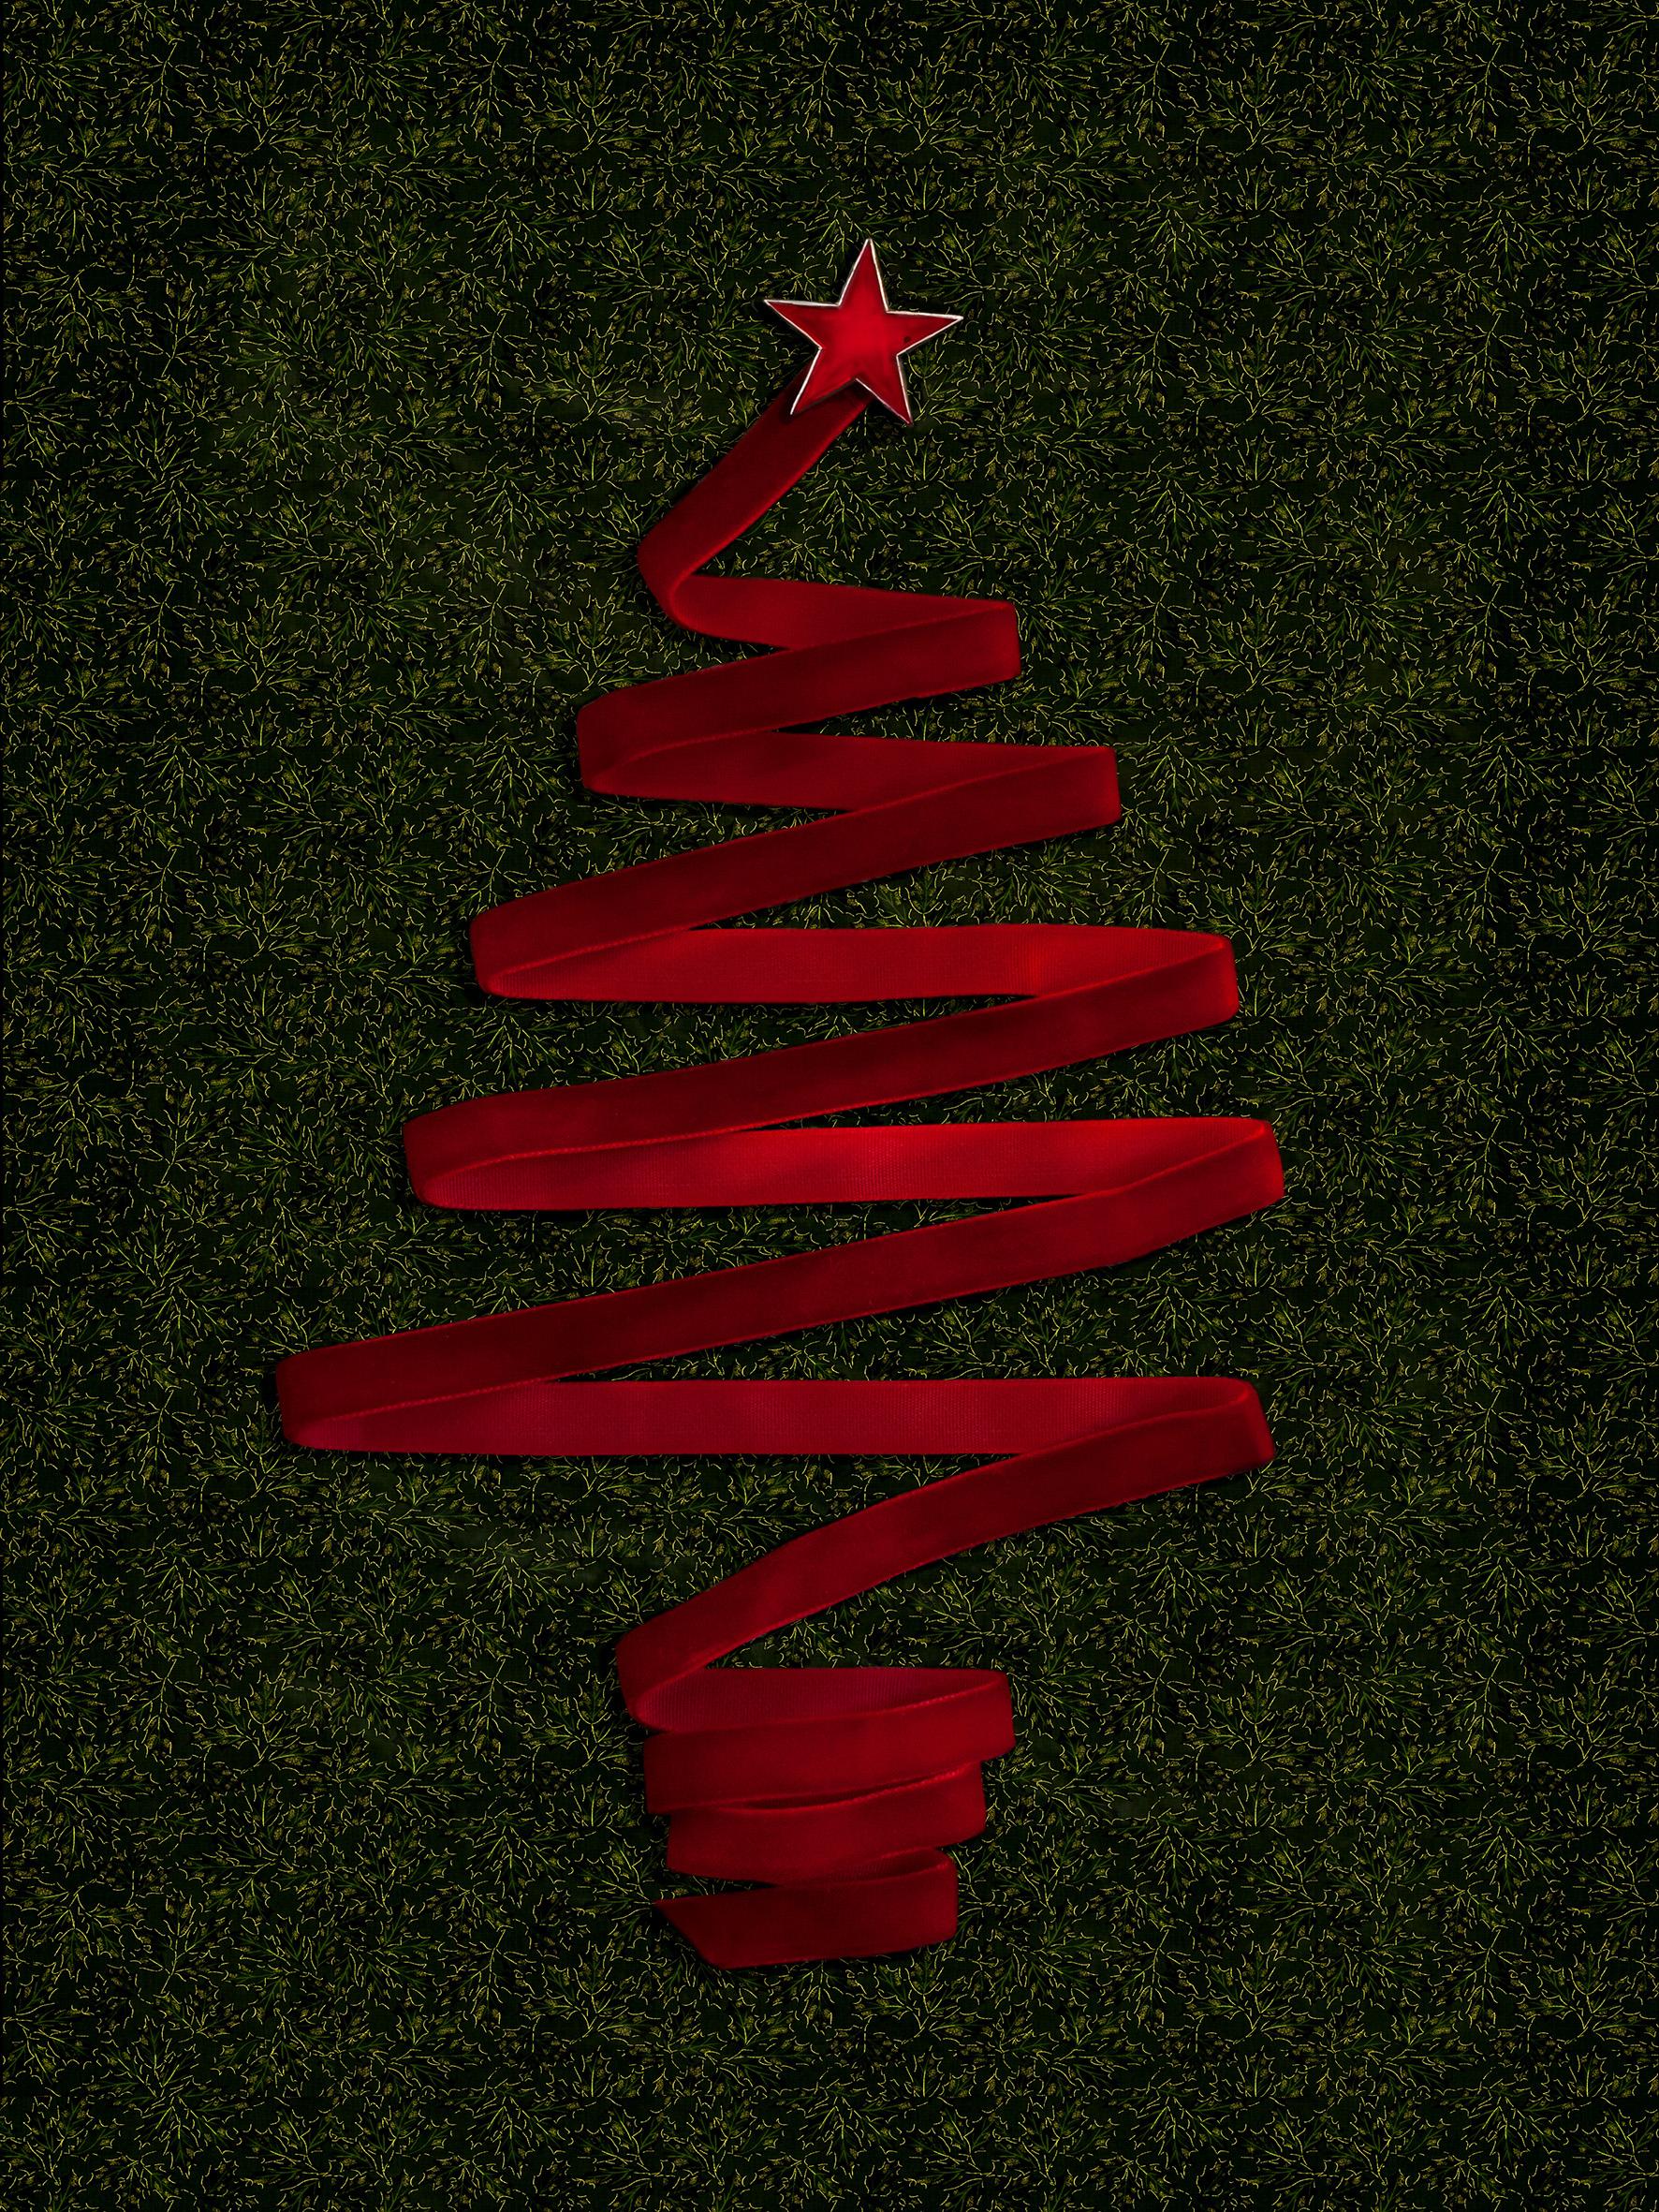 ©MBS_2025_Christmas_2017_11_16b small.jpg